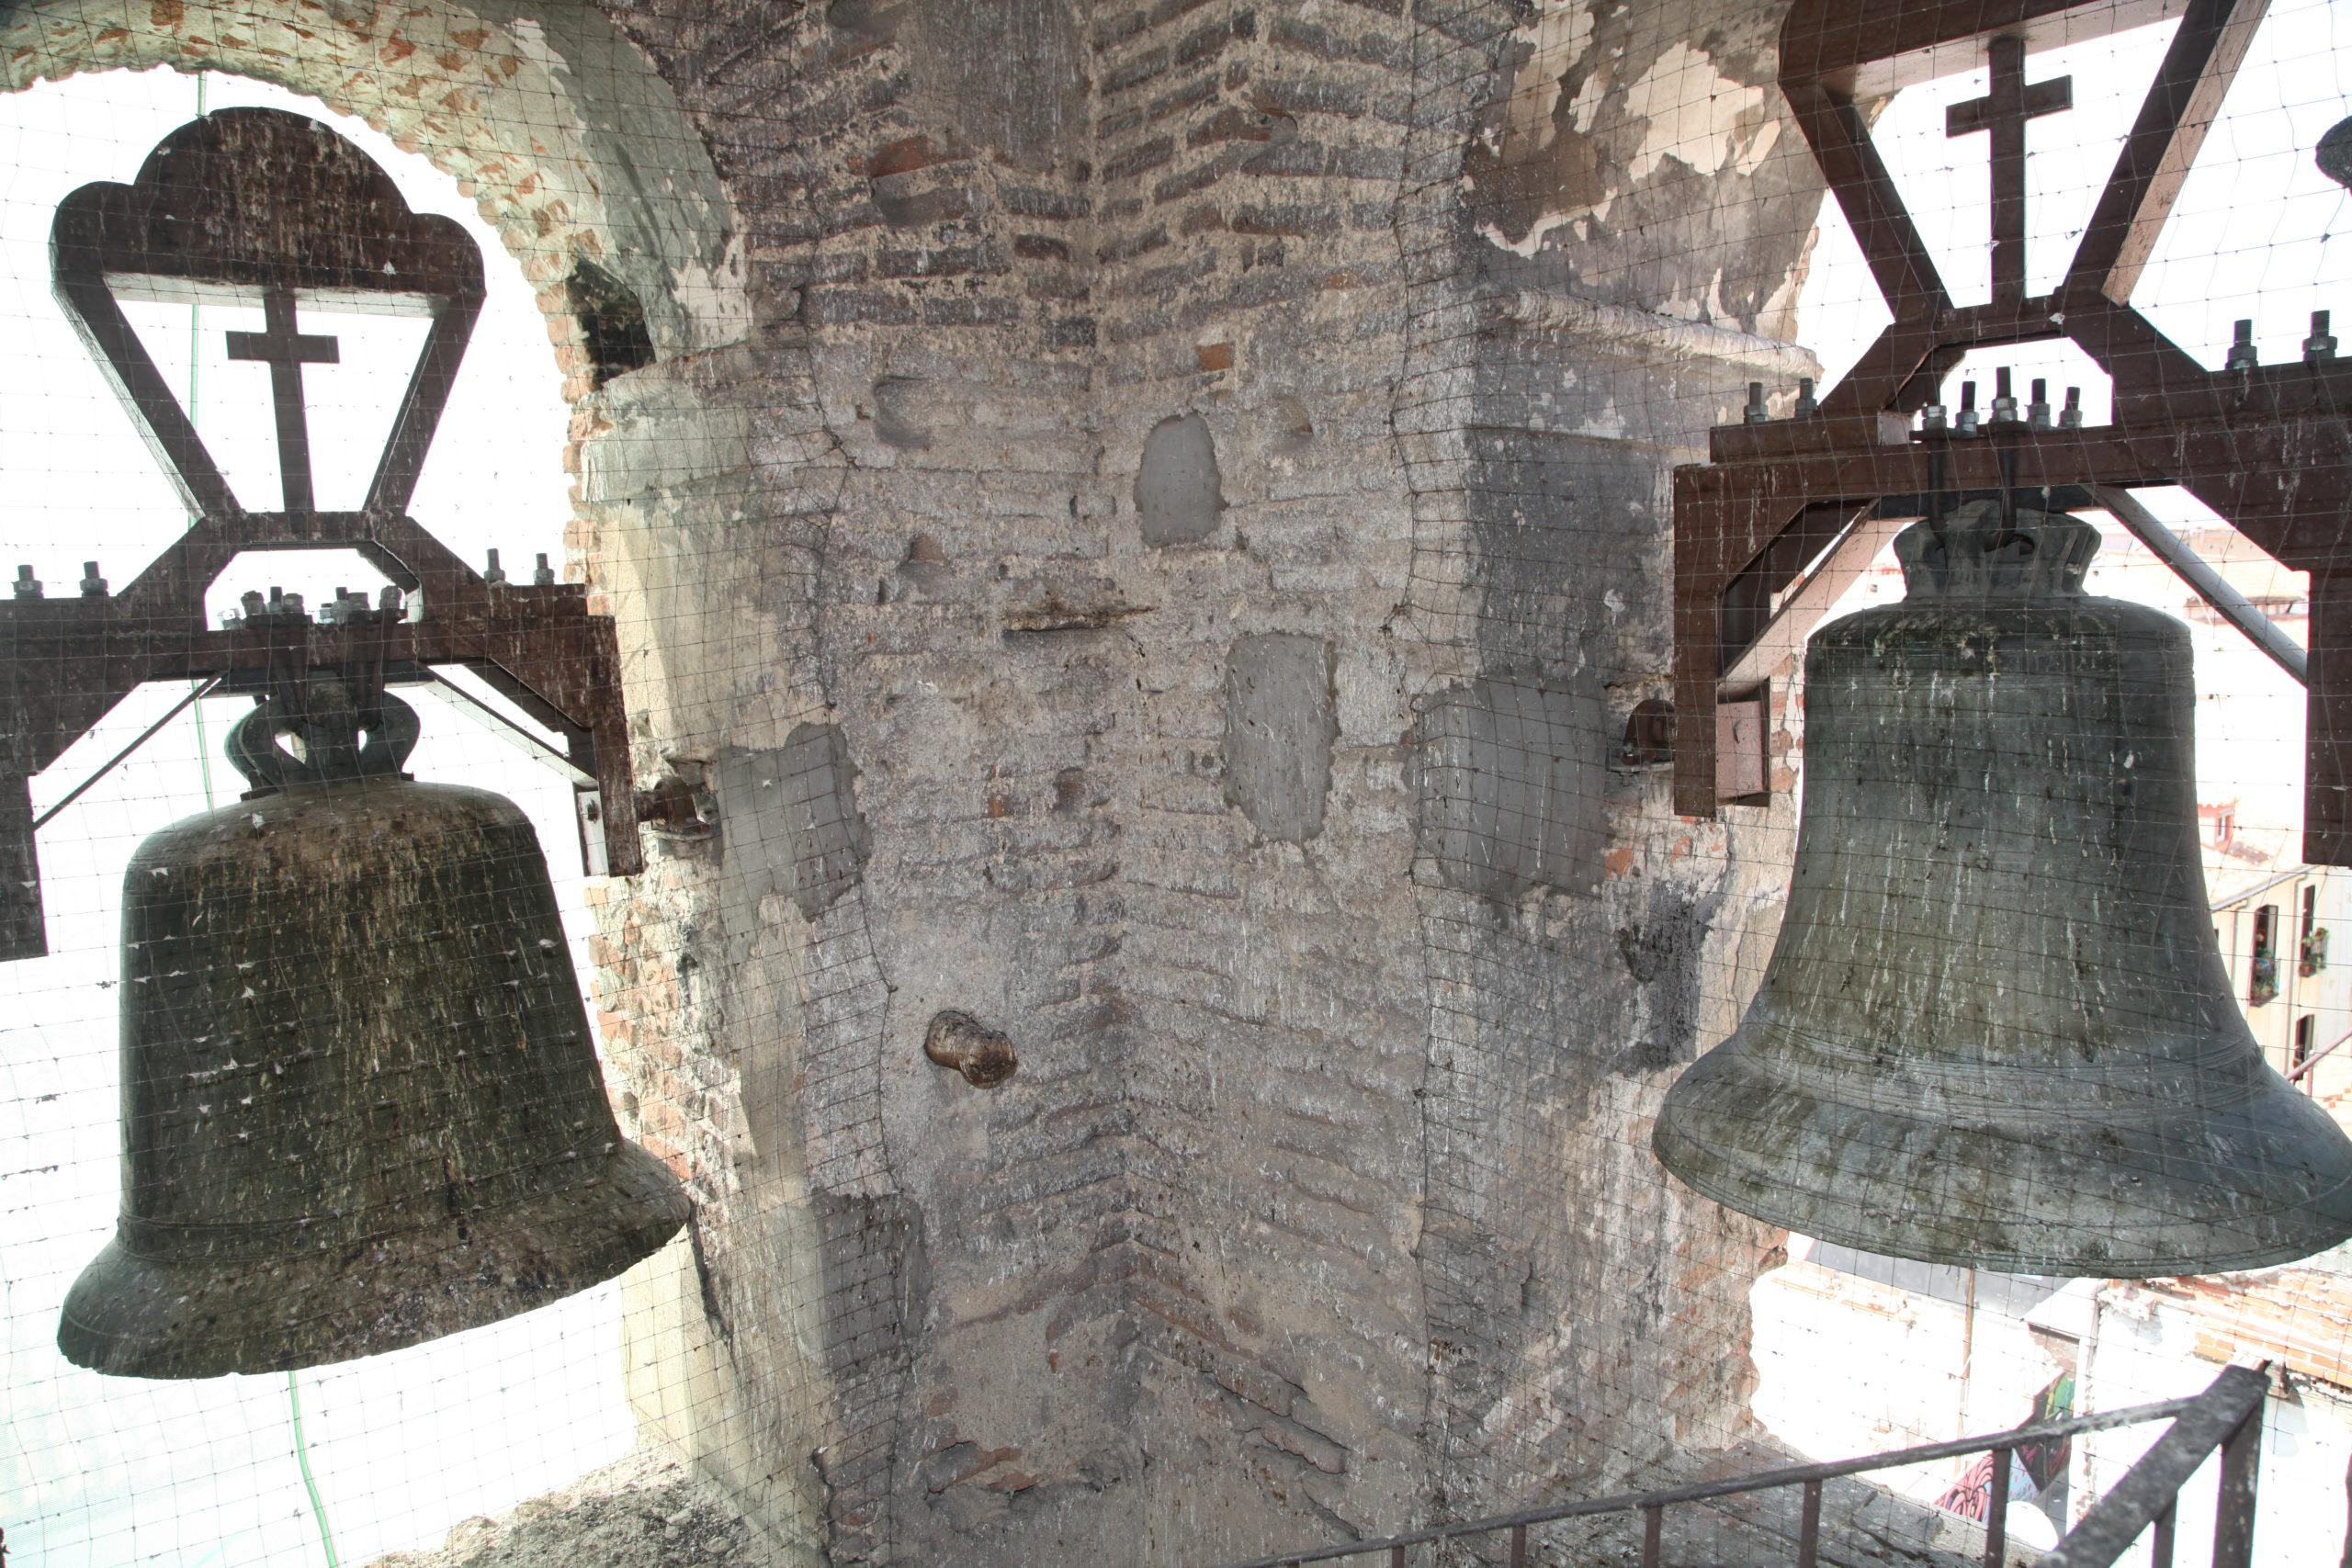 detalle-campanas-antes-de-la-restauracion-IMG_2908